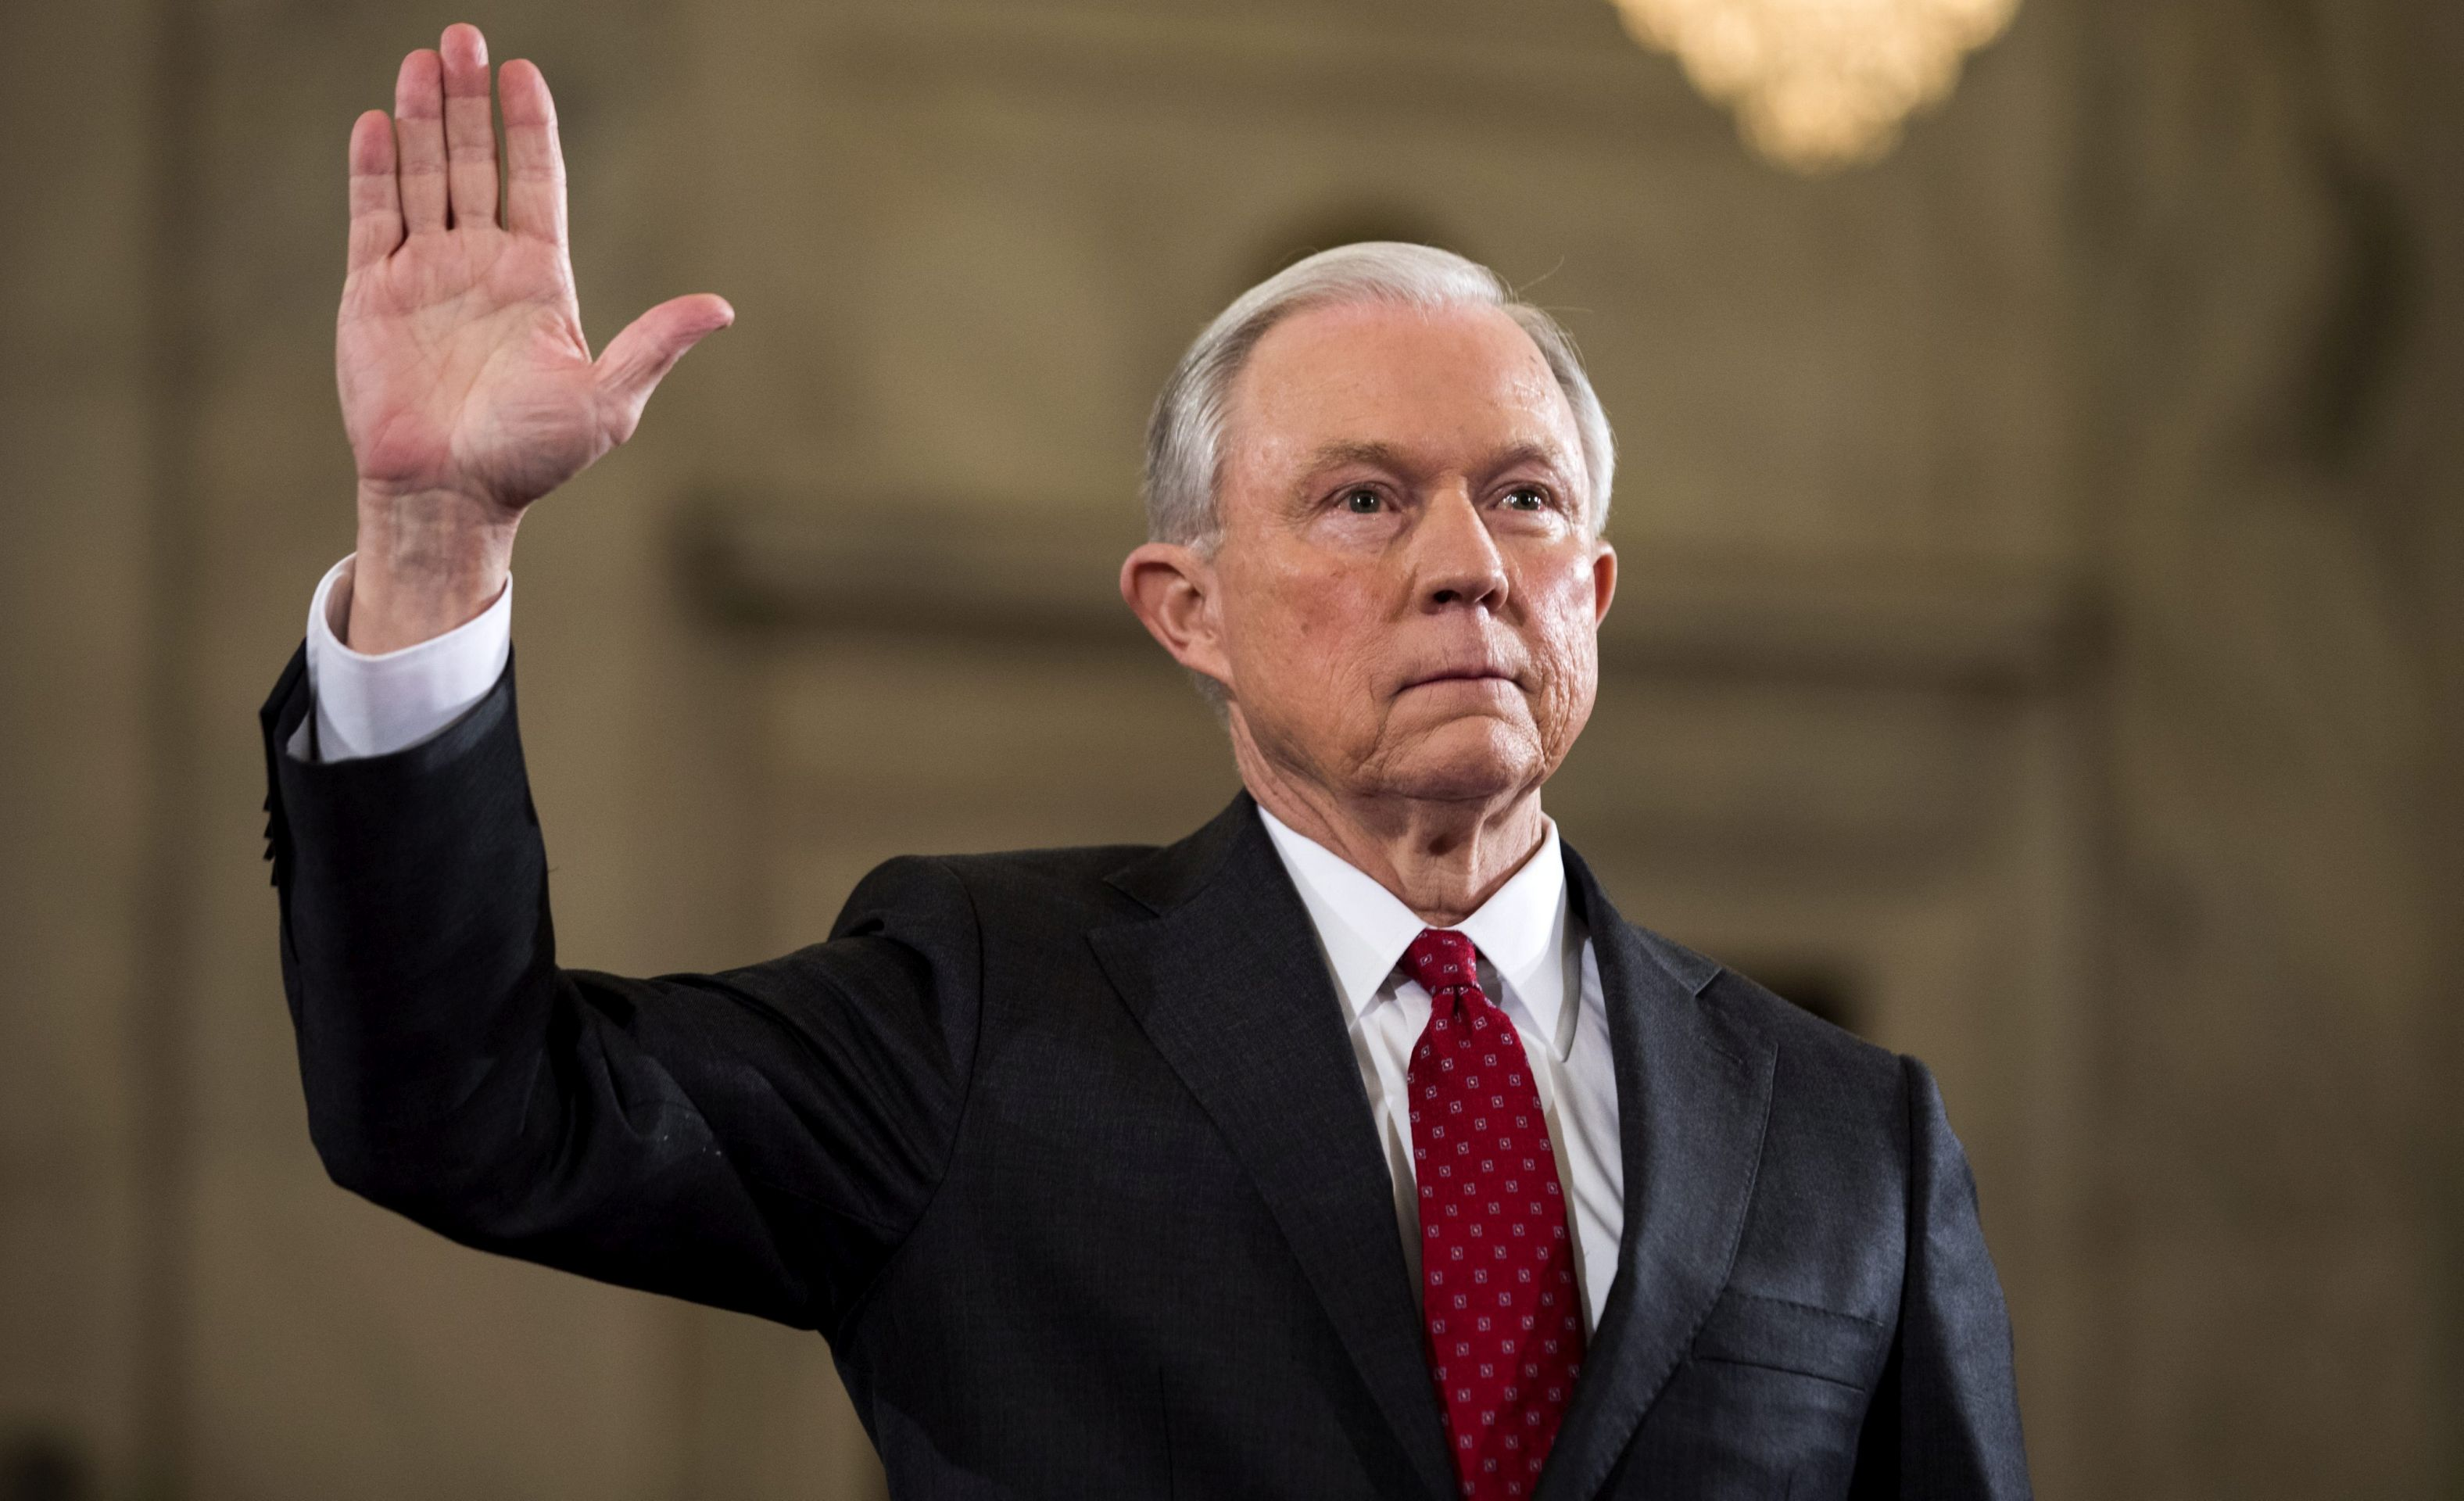 Sessions za posebnog tužitelja za istragu e-mailova Hillary Clinton